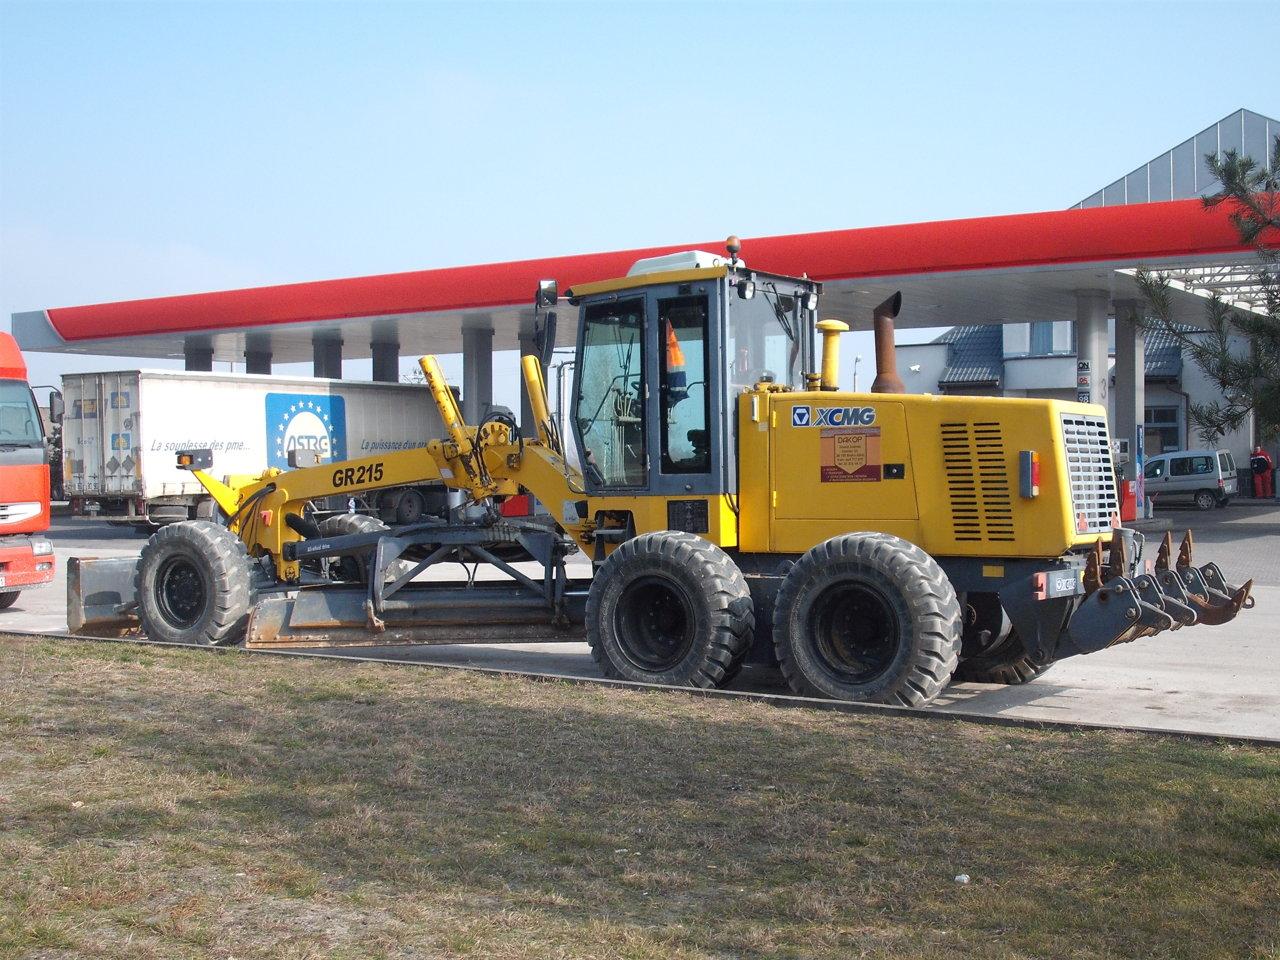 DSCF7985.JPG